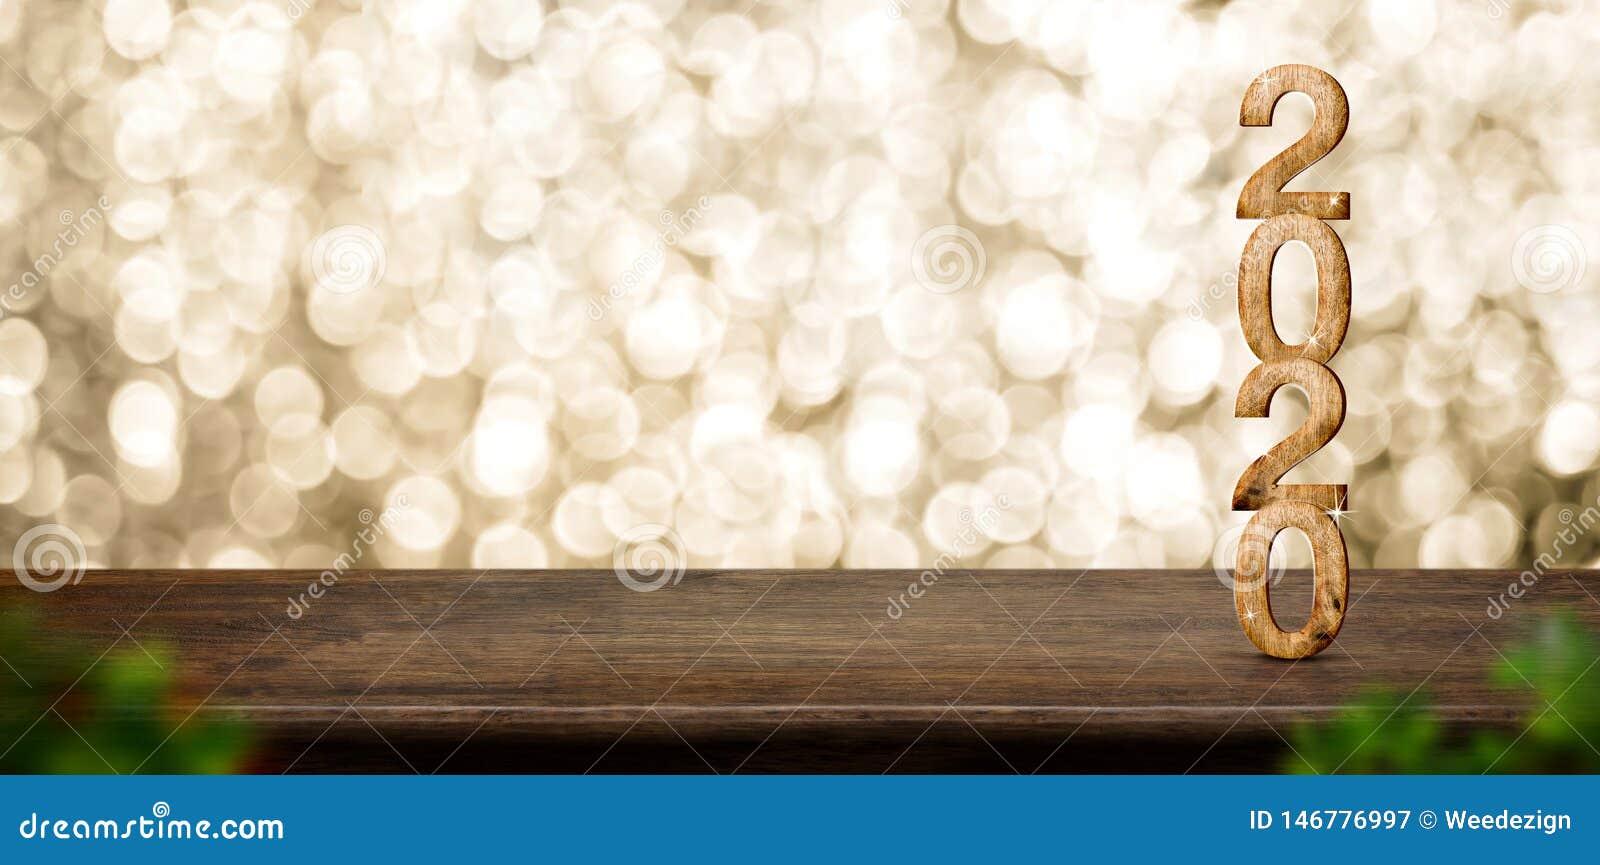 Gelukkig Nieuwjaar 2020 hout met fonkelende ster op bruine houten lijst met gouden bokehachtergrond, concept van de Vakantie het